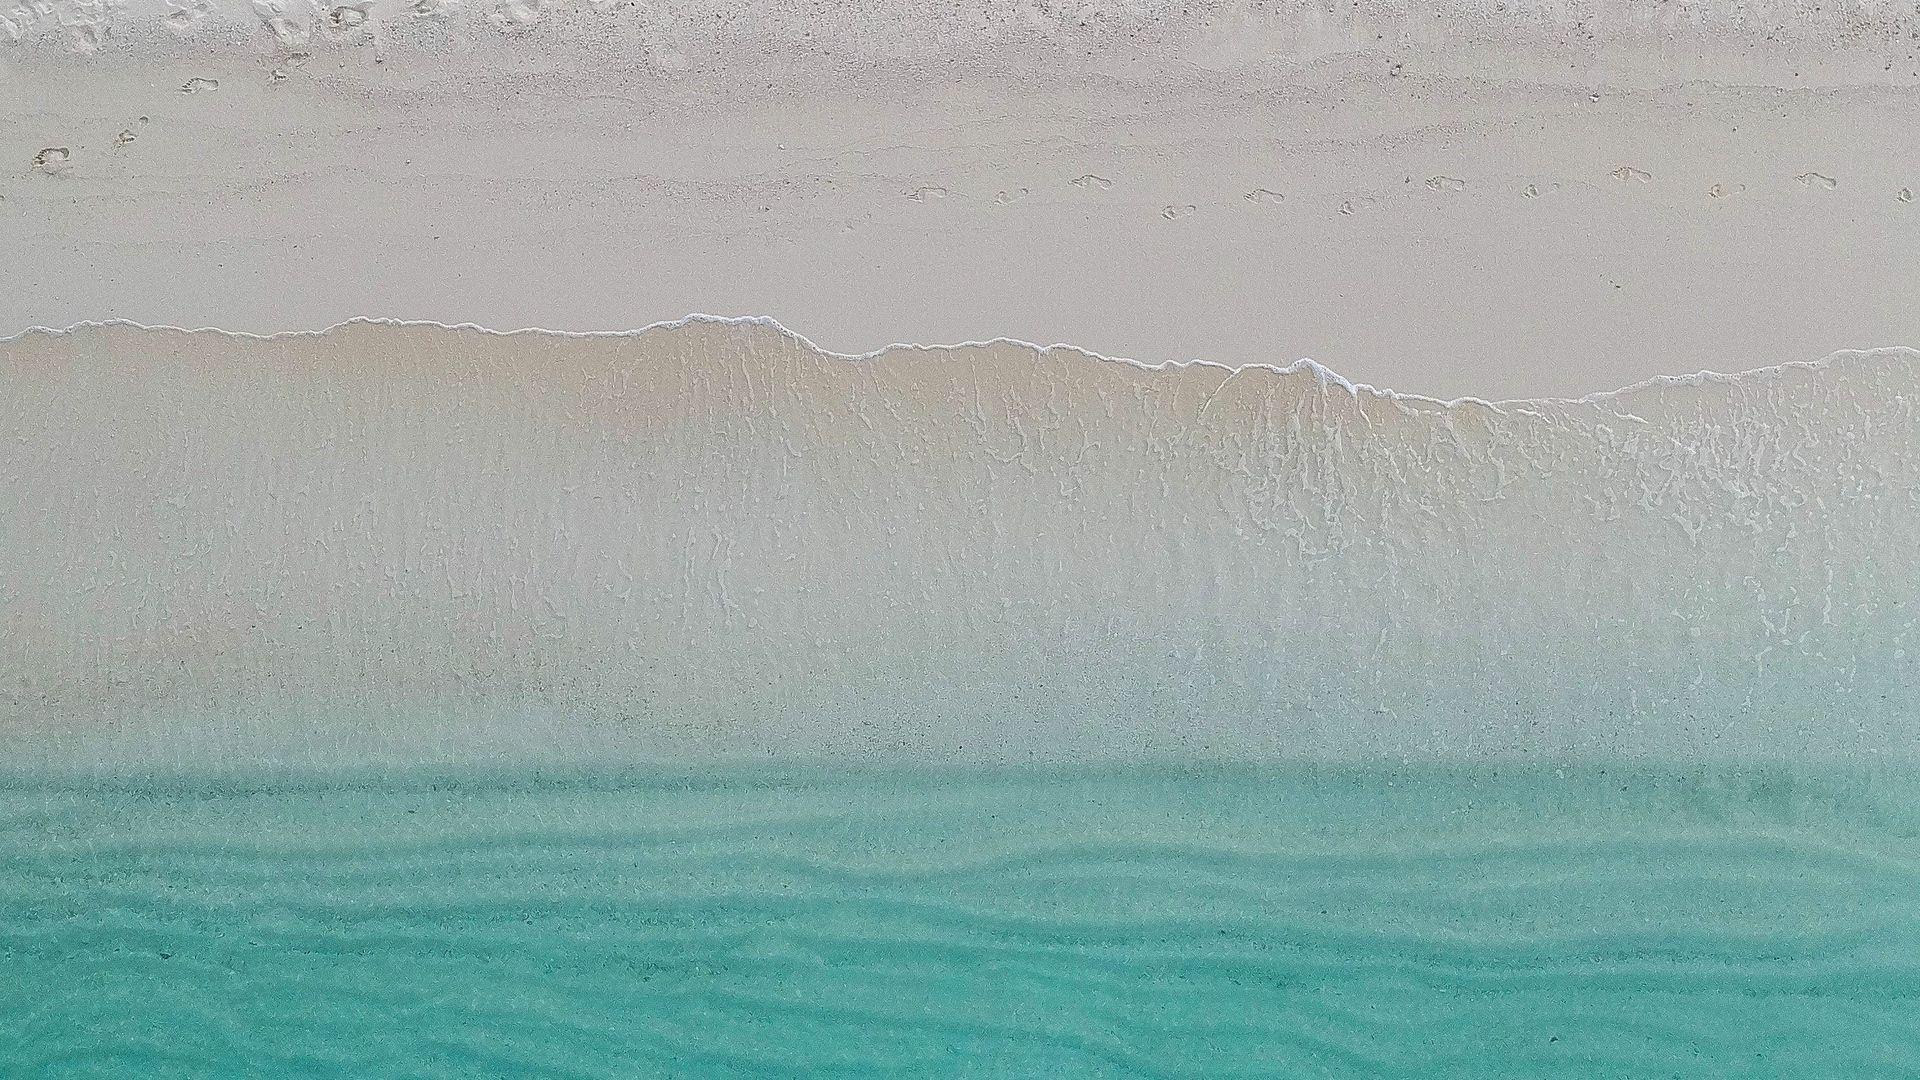 Macbook Air wallpaper 1080p